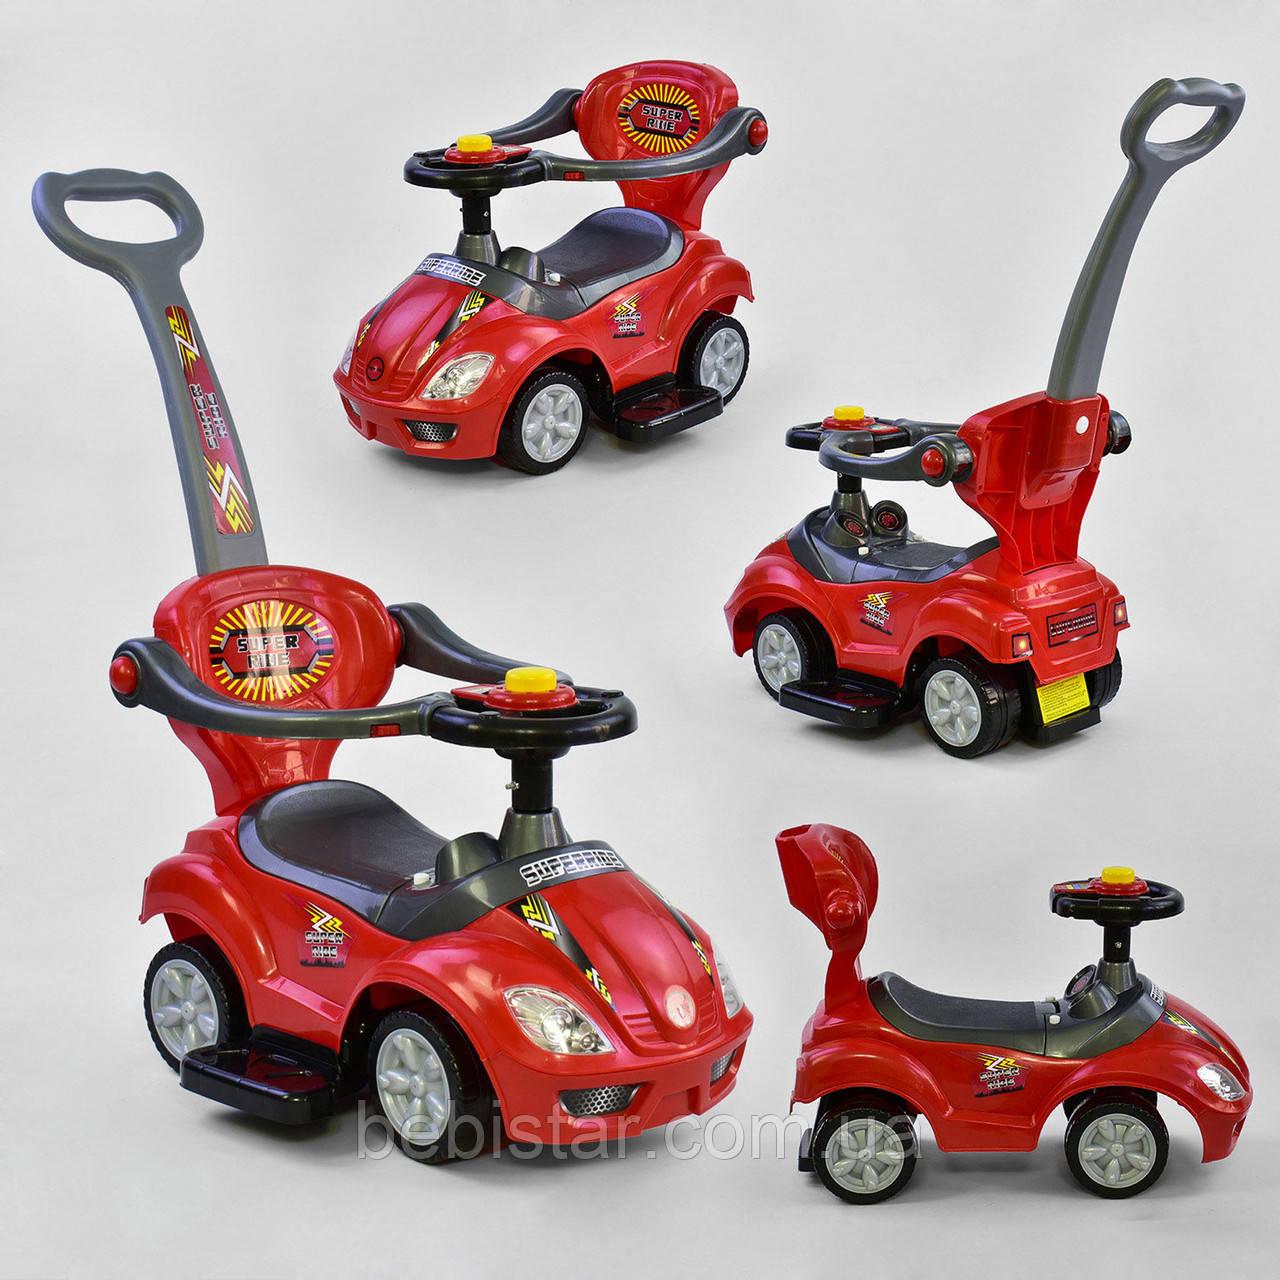 Каталка-толкар красный, звуковые и световые эффекты деткам от 1 года